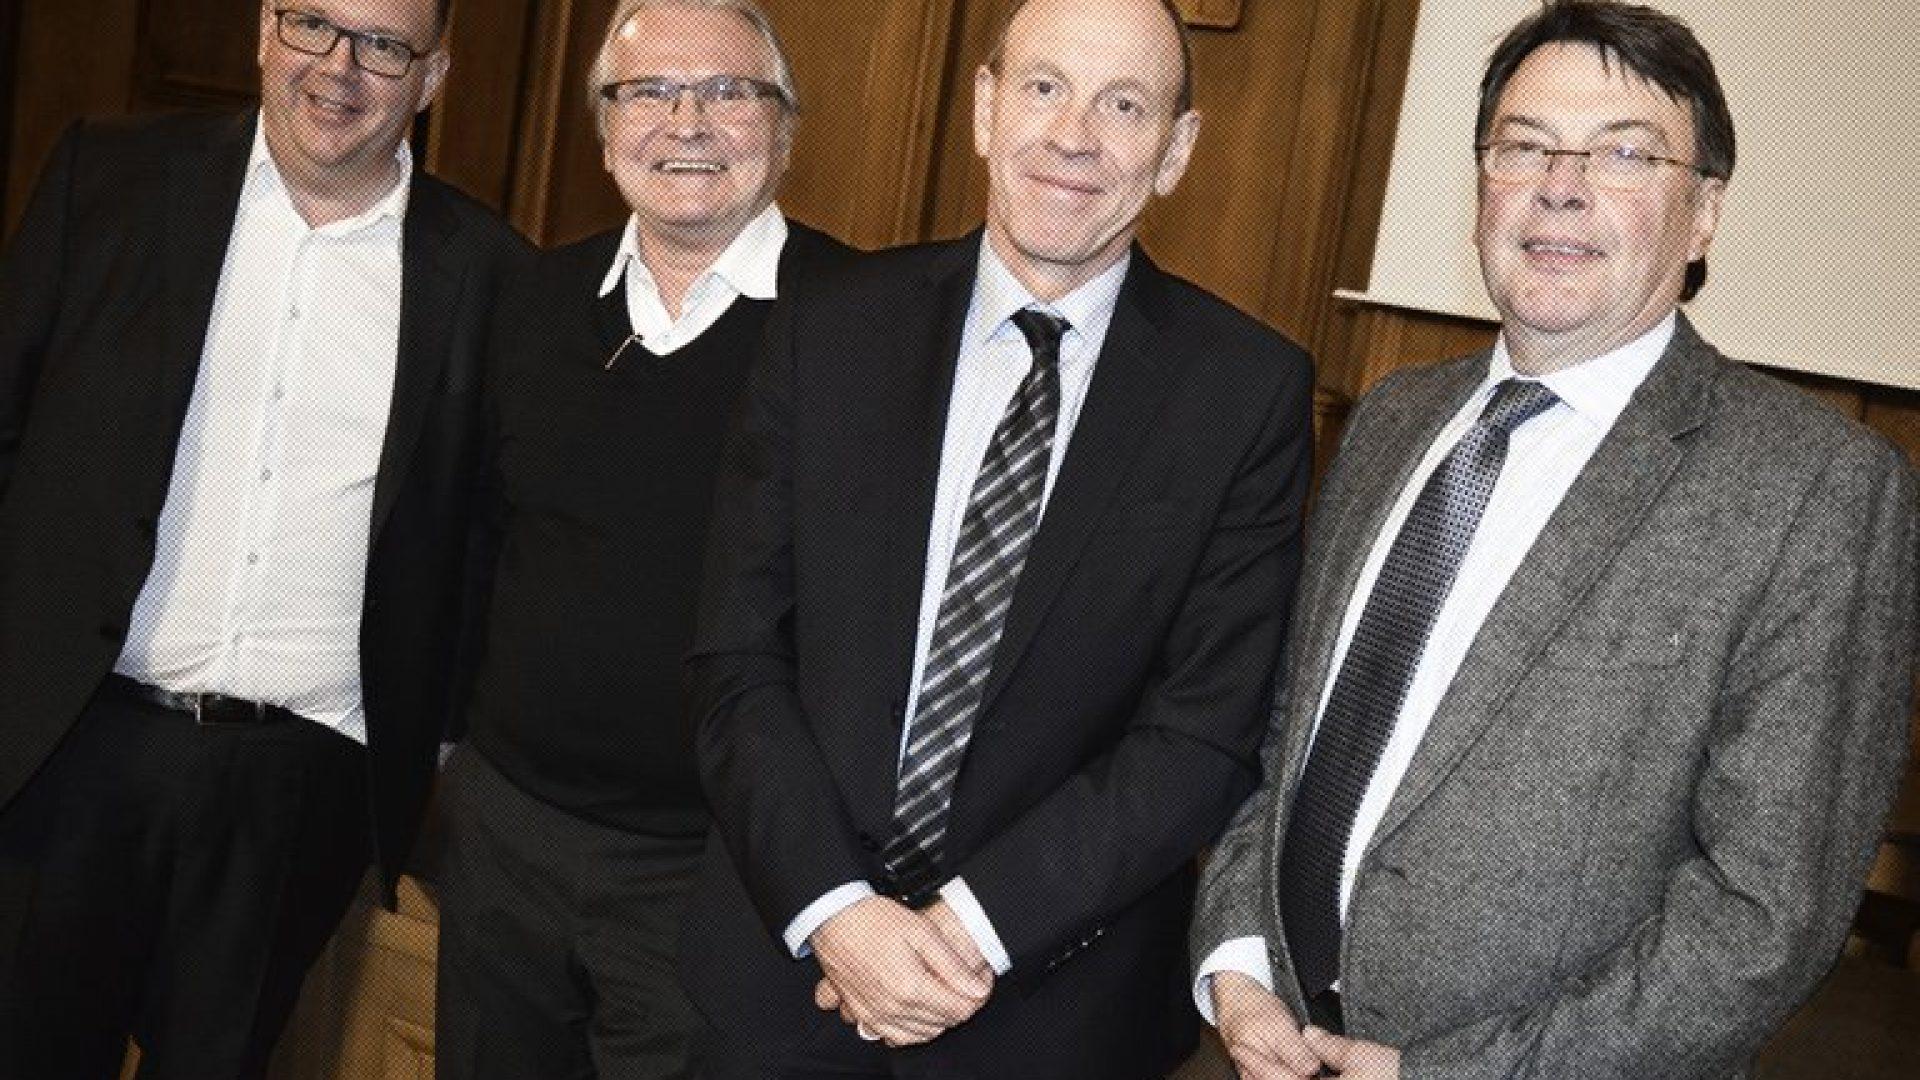 Apotheker Peter Stadtmann, Claus Schwarz (ehem. Stadtspiegel-Chef), Oberbürgermeister Bernd Tischler (SPD), CDU-Chef Hermann Hirschfelder (v.l.n.r.)  CORRECTIV